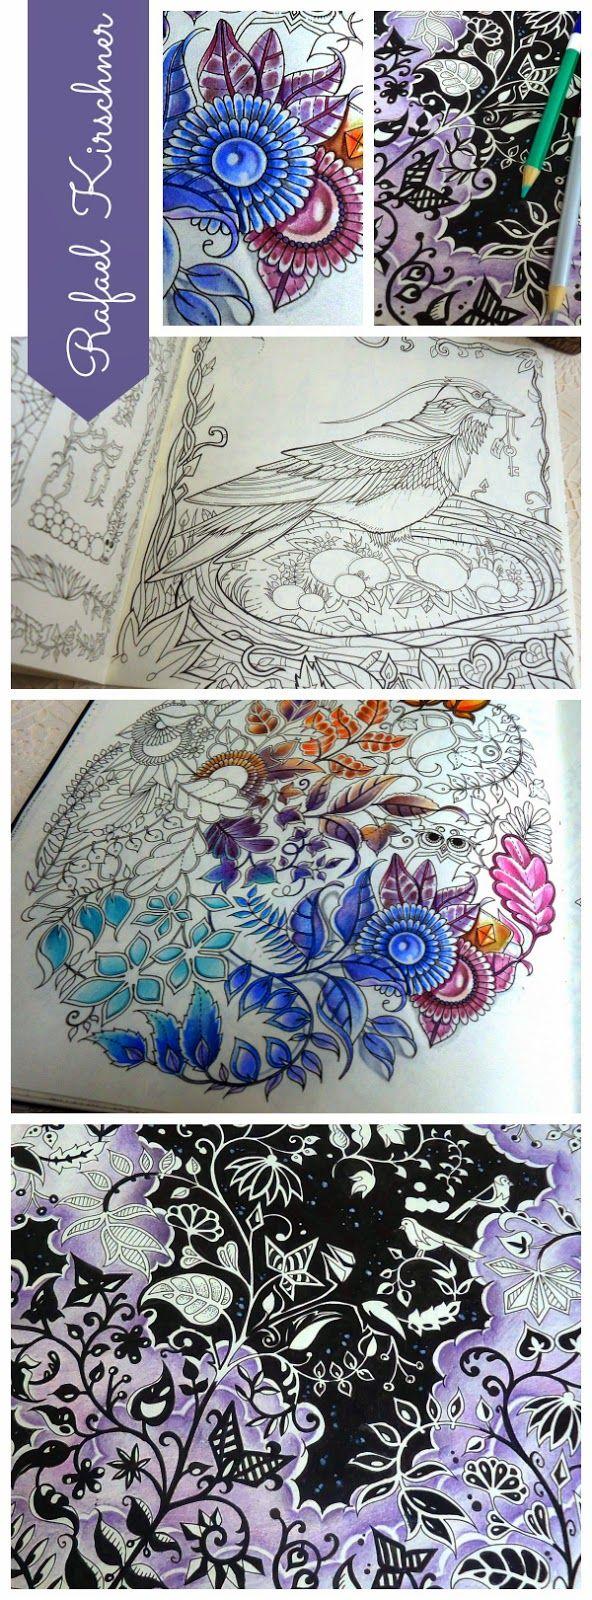 Atelier Gina Pafiadache Dicas Para Colorir Os Livros Jardim Secreto E Floresta Encantada Secret Garden Coloring BookJohanna